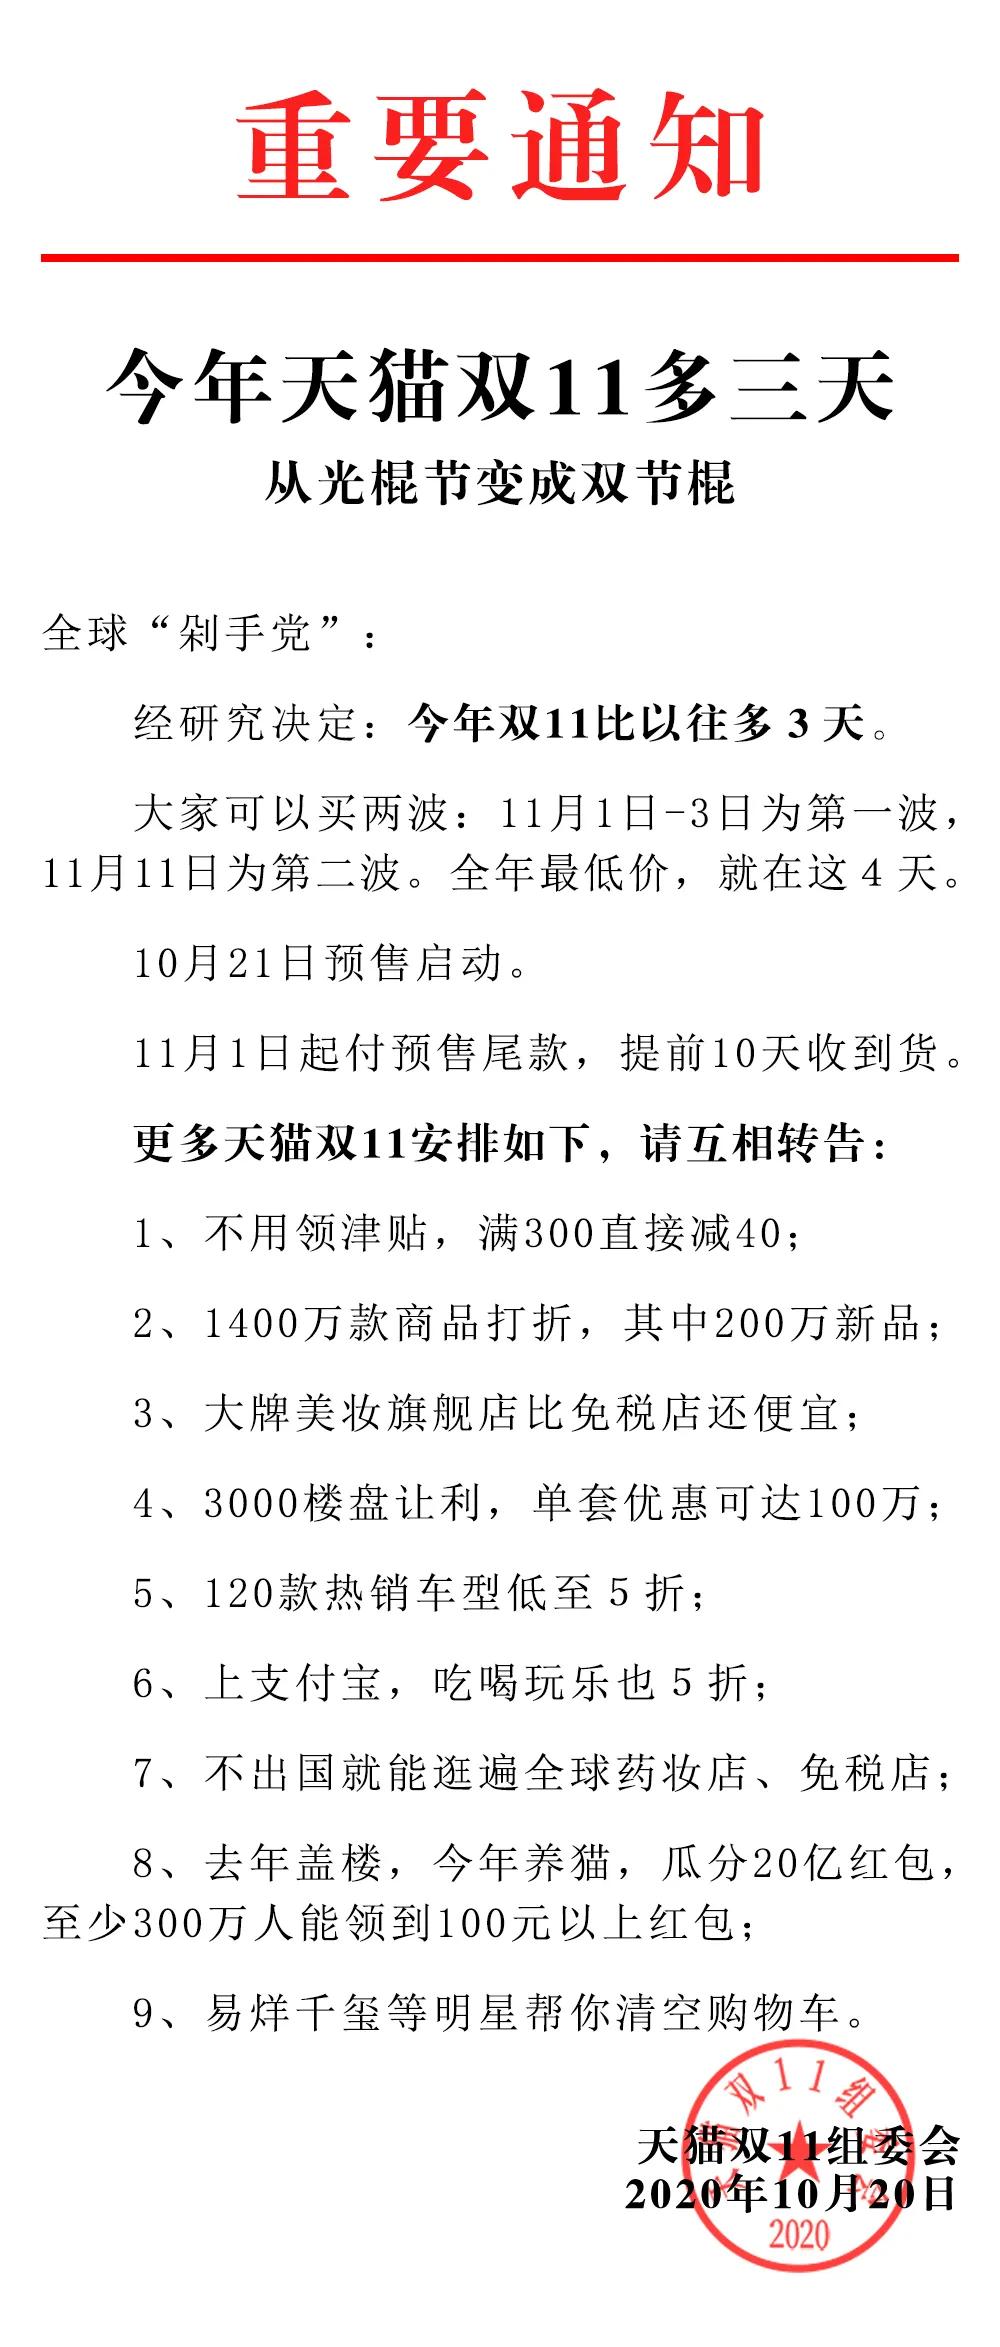 官宣!3000+樓盤參與雙十一  覆蓋全國主流城市40%樓盤-中國網地産